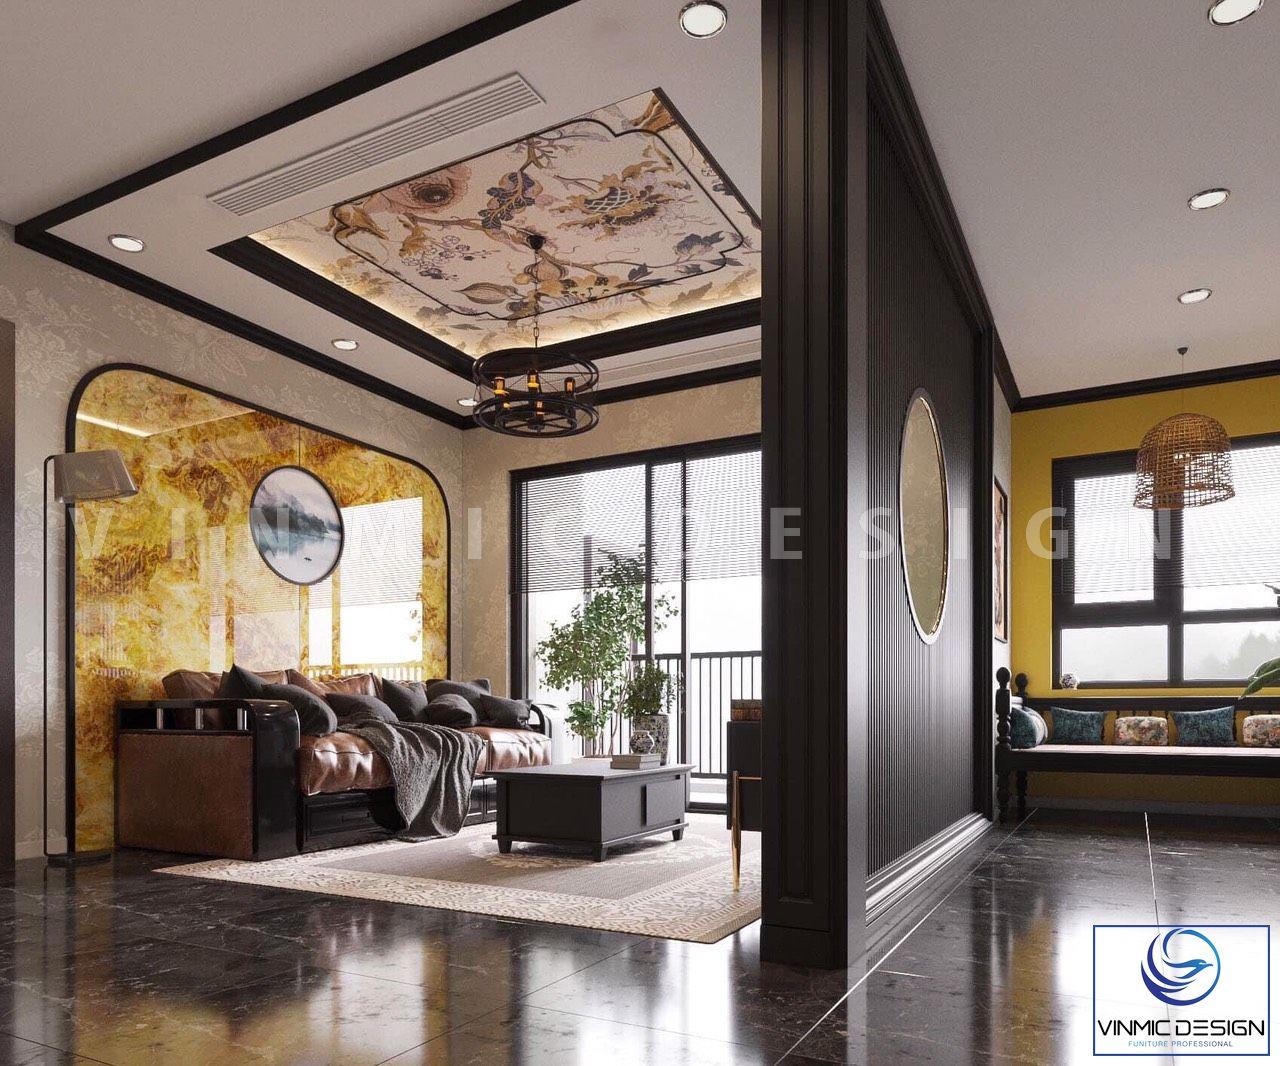 Đá ốp tường nổi bật cho nhà có phong cách Á Đông (Indochine) của cô Hương